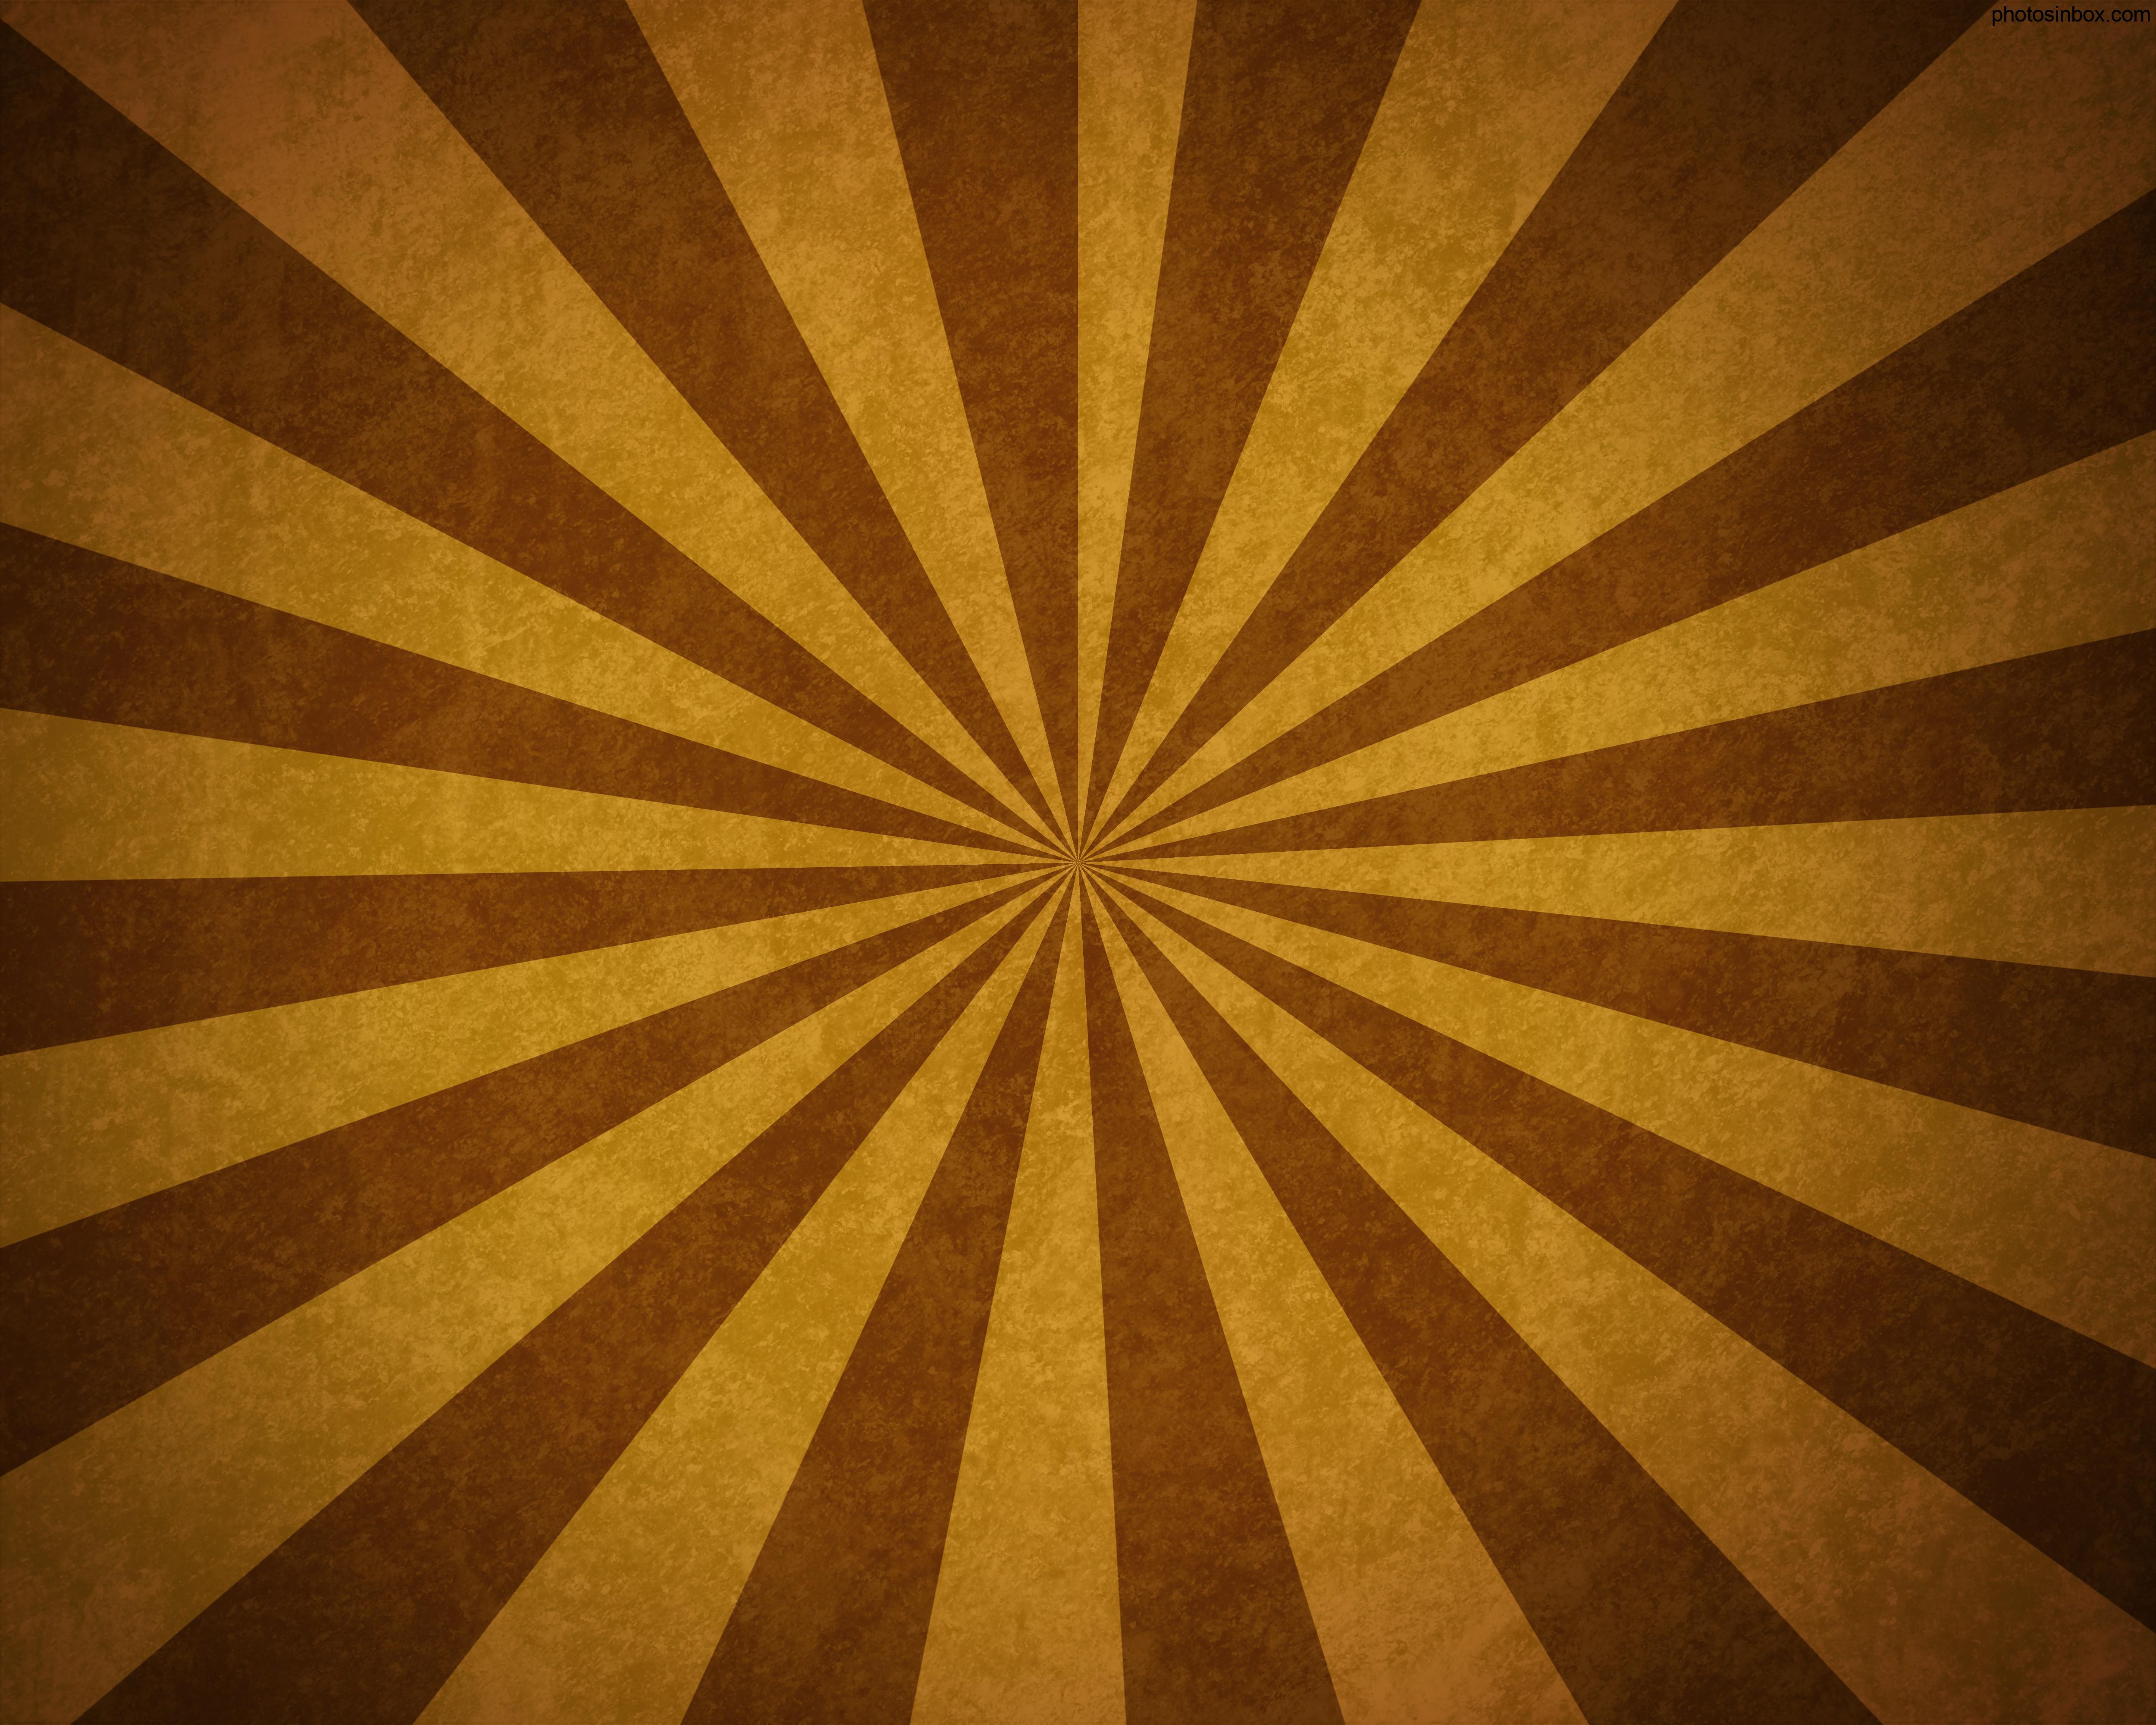 Fond d 39 cran lumi re du soleil bois sym trie jaune marron mod le orange texture cercle - Fond dur parquet ...